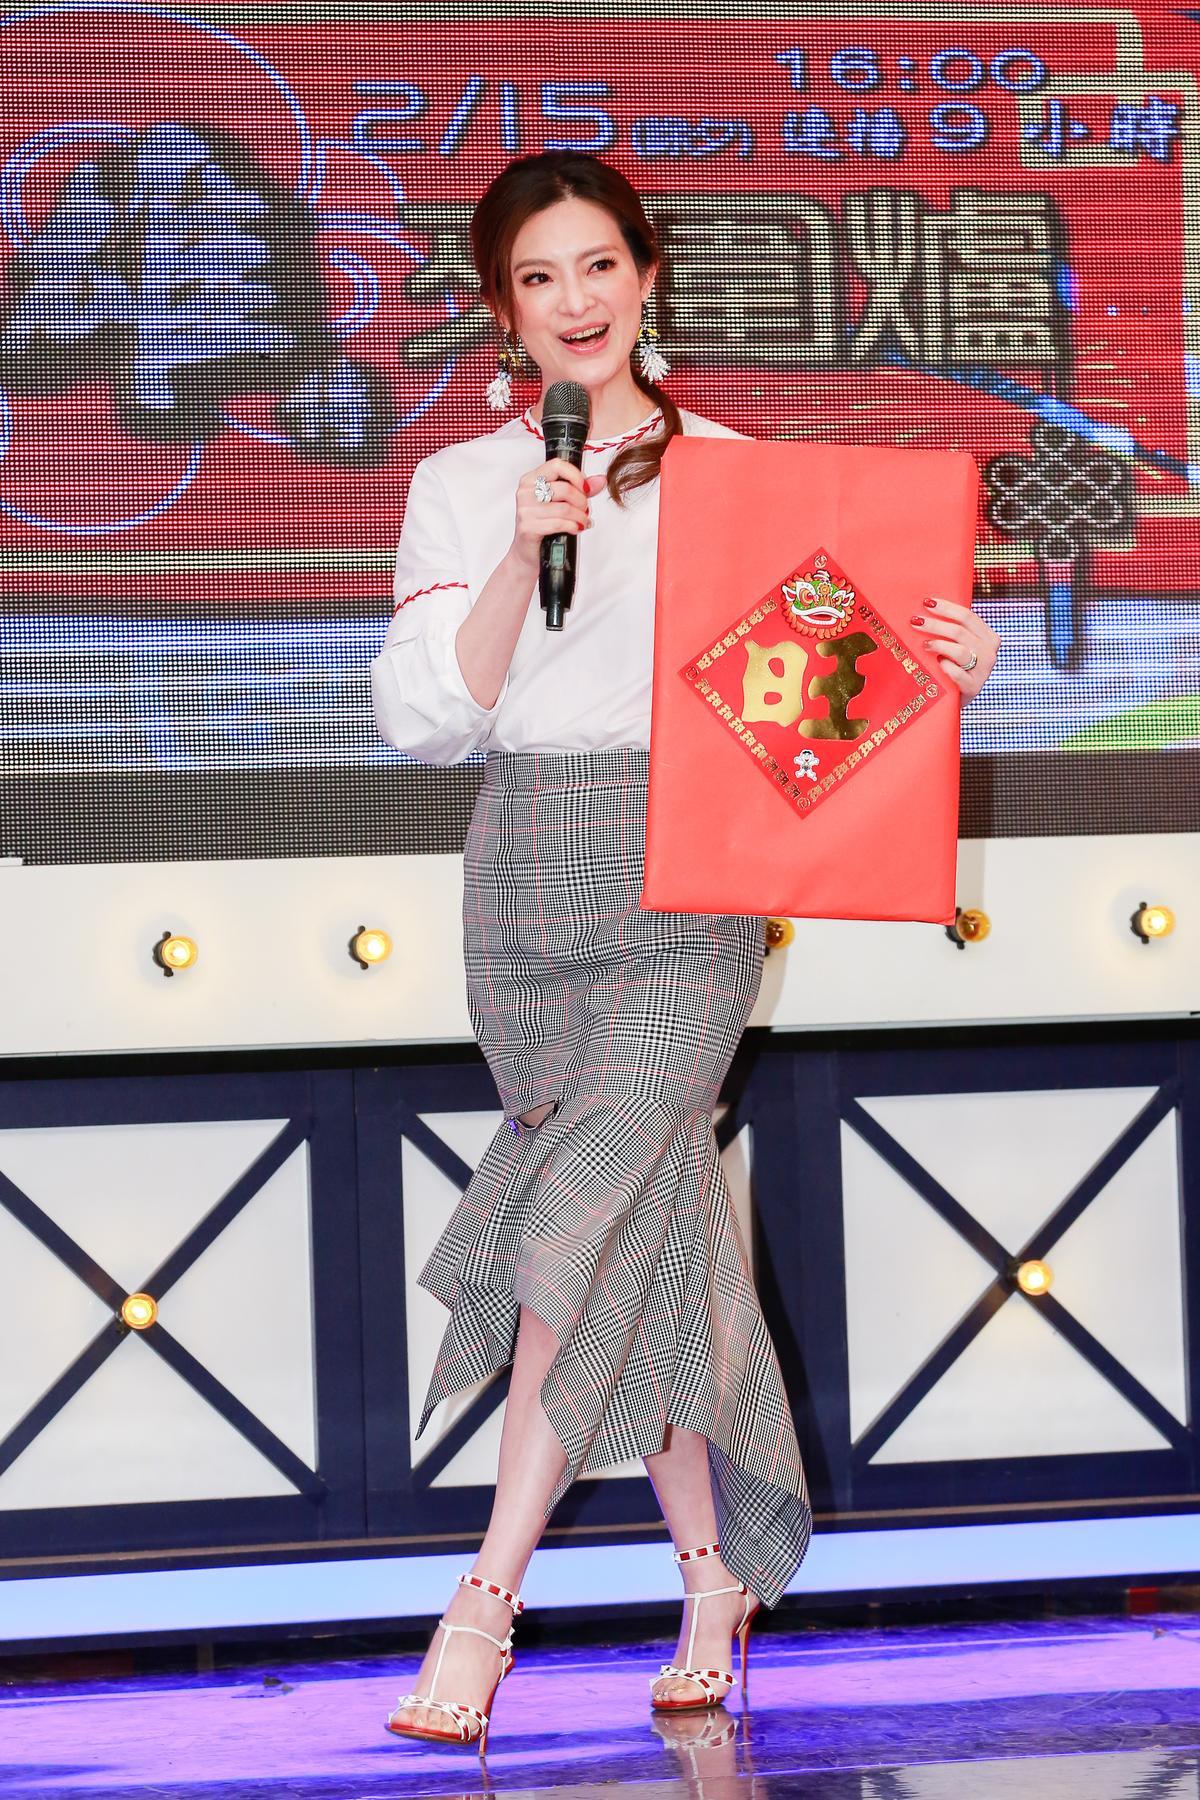 劉真帶了裝有大樂透的紅包祝賀《小明星大跟班》收視長紅。